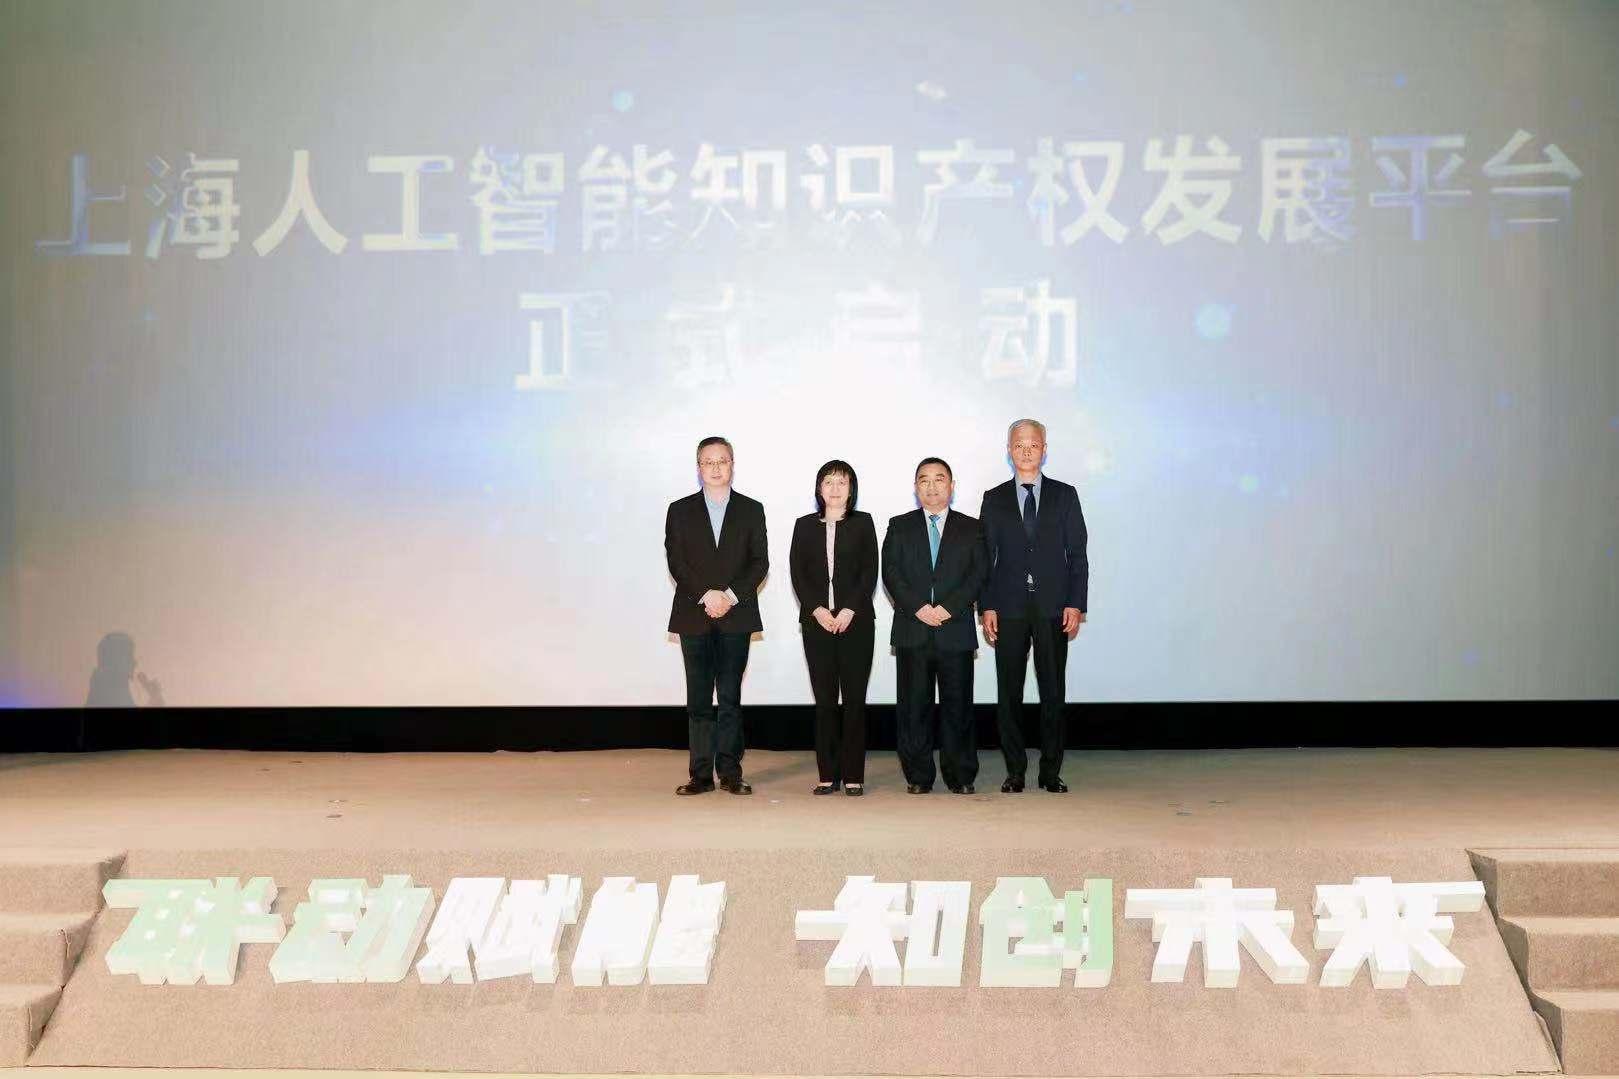 长三角知识产权运营服务体系建设重点城市联盟在沪成立,上海人工智能知识产权发展平台同日挂牌